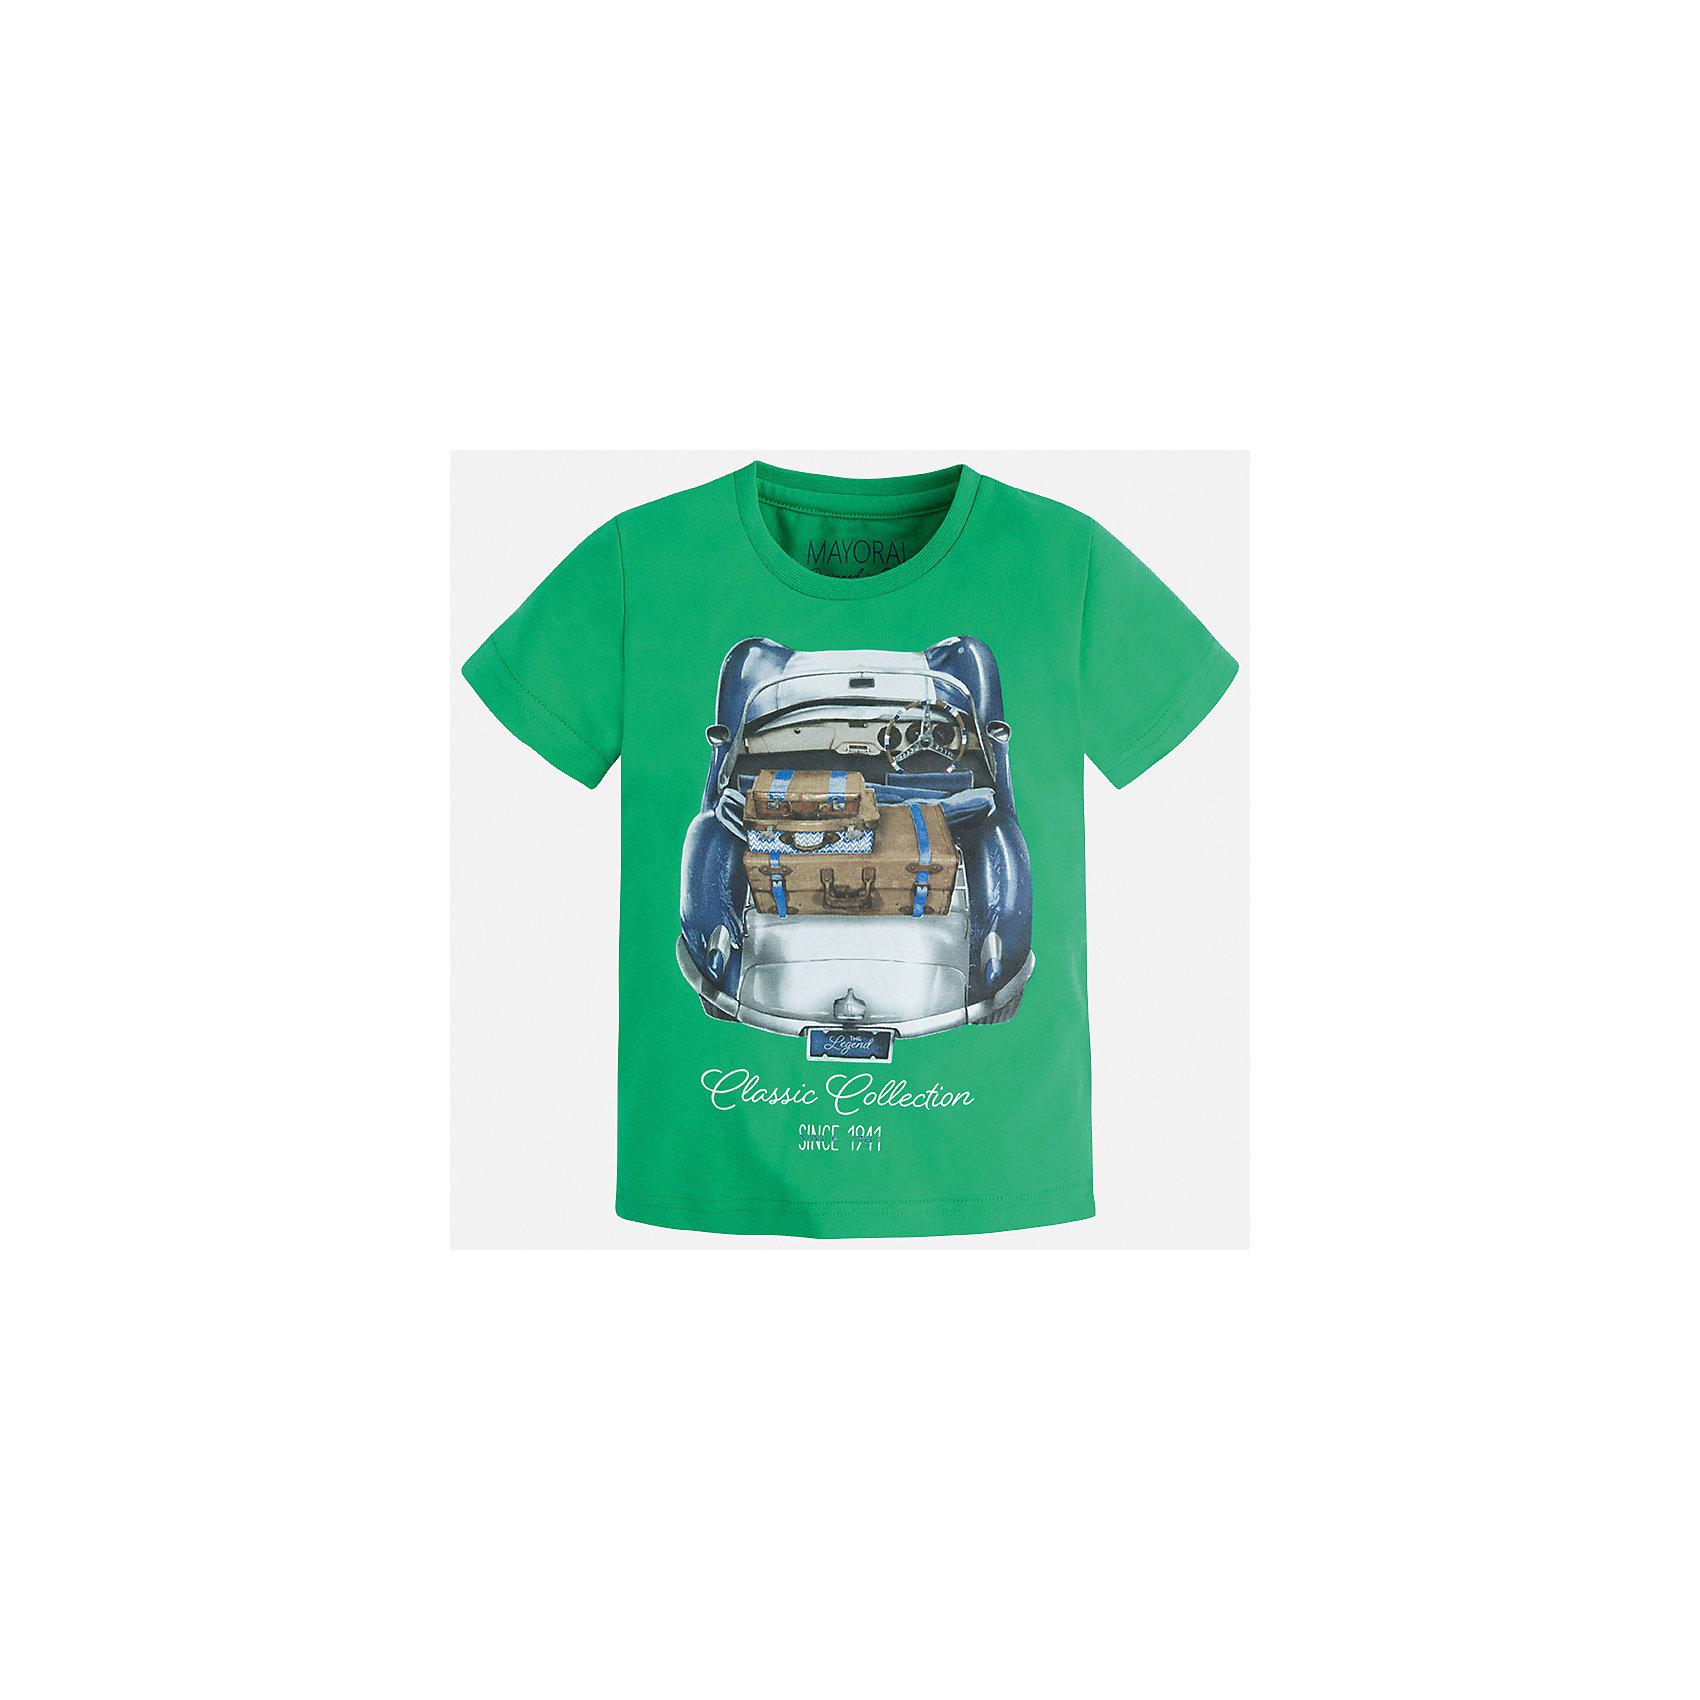 Футболка для мальчика MayoralФутболки, поло и топы<br>Характеристики товара:<br><br>• цвет: зеленый<br>• состав: 100% хлопок<br>• круглый горловой вырез<br>• декорирована принтом<br>• короткие рукава<br>• отделка горловины<br>• страна бренда: Испания<br><br>Модная удобная футболка с принтом поможет разнообразить гардероб мальчика. Она отлично сочетается с брюками, шортами, джинсами. Универсальный крой и цвет позволяет подобрать к вещи низ разных расцветок. Практичное и стильное изделие! Хорошо смотрится и комфортно сидит на детях. В составе материала - только натуральный хлопок, гипоаллергенный, приятный на ощупь, дышащий. <br><br>Одежда, обувь и аксессуары от испанского бренда Mayoral полюбились детям и взрослым по всему миру. Модели этой марки - стильные и удобные. Для их производства используются только безопасные, качественные материалы и фурнитура. Порадуйте ребенка модными и красивыми вещами от Mayoral! <br><br>Футболку для мальчика от испанского бренда Mayoral (Майорал) можно купить в нашем интернет-магазине.<br><br>Ширина мм: 199<br>Глубина мм: 10<br>Высота мм: 161<br>Вес г: 151<br>Цвет: зеленый<br>Возраст от месяцев: 18<br>Возраст до месяцев: 24<br>Пол: Мужской<br>Возраст: Детский<br>Размер: 92,116,98,134,128,122,110,104<br>SKU: 5279926